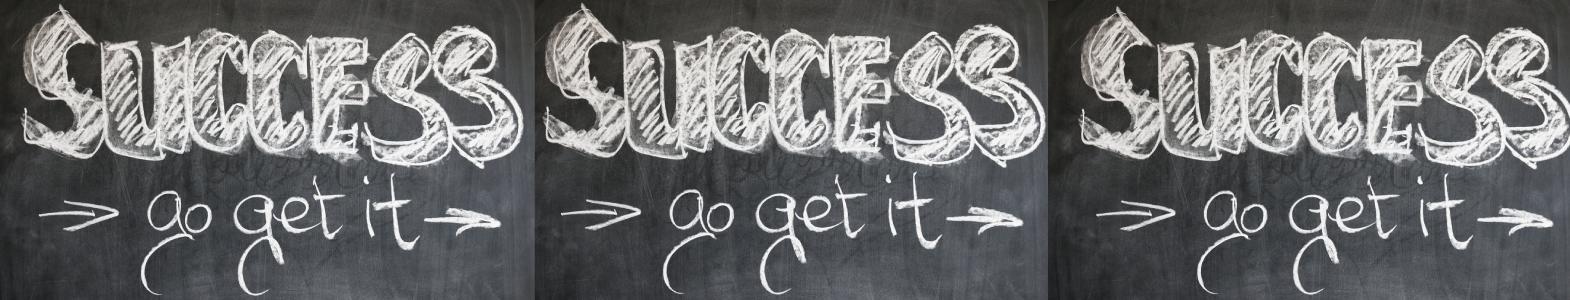 Beitragsbild für Strategien für einen erfolgreichen Online-Shop